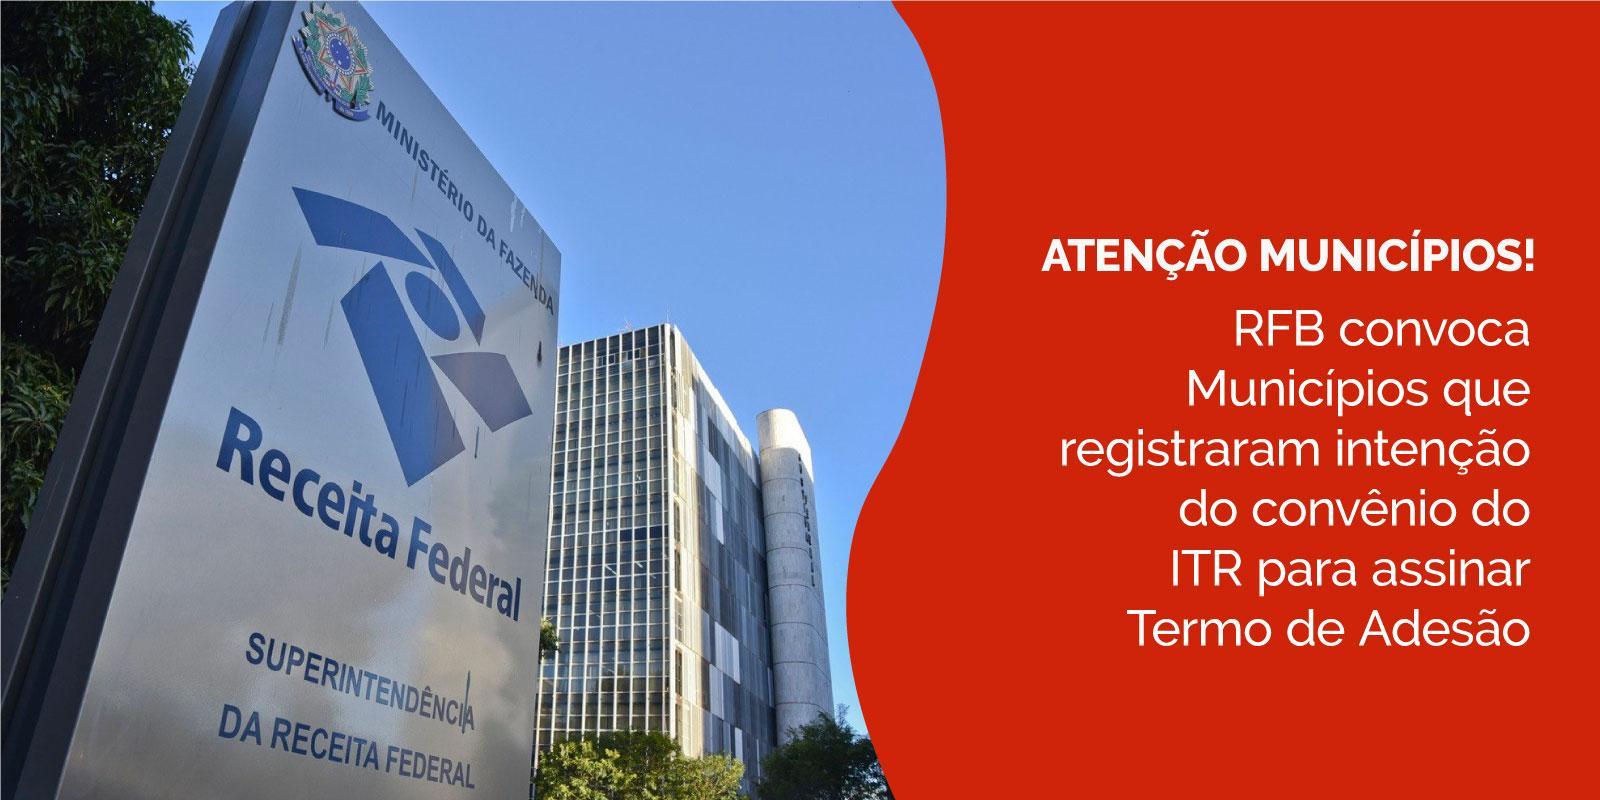 RFB convoca Municípios que registraram intenção do convênio do ITR para assinar Termo de Adesão